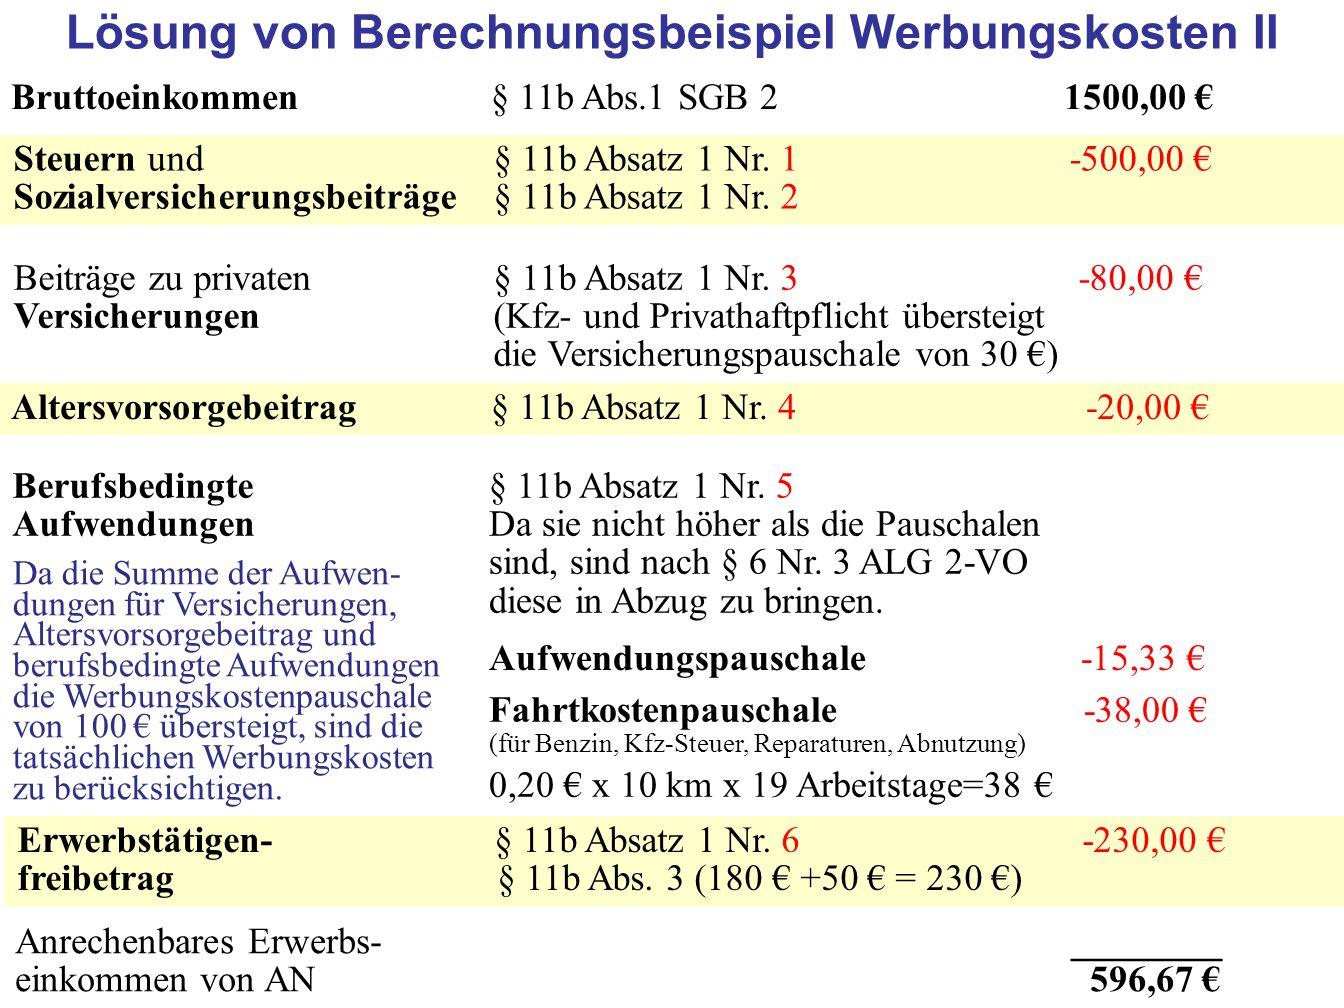 72 Bruttoeinkommen§ 11b Abs.1 SGB 2 1500,00 Steuern und § 11b Absatz 1 Nr.